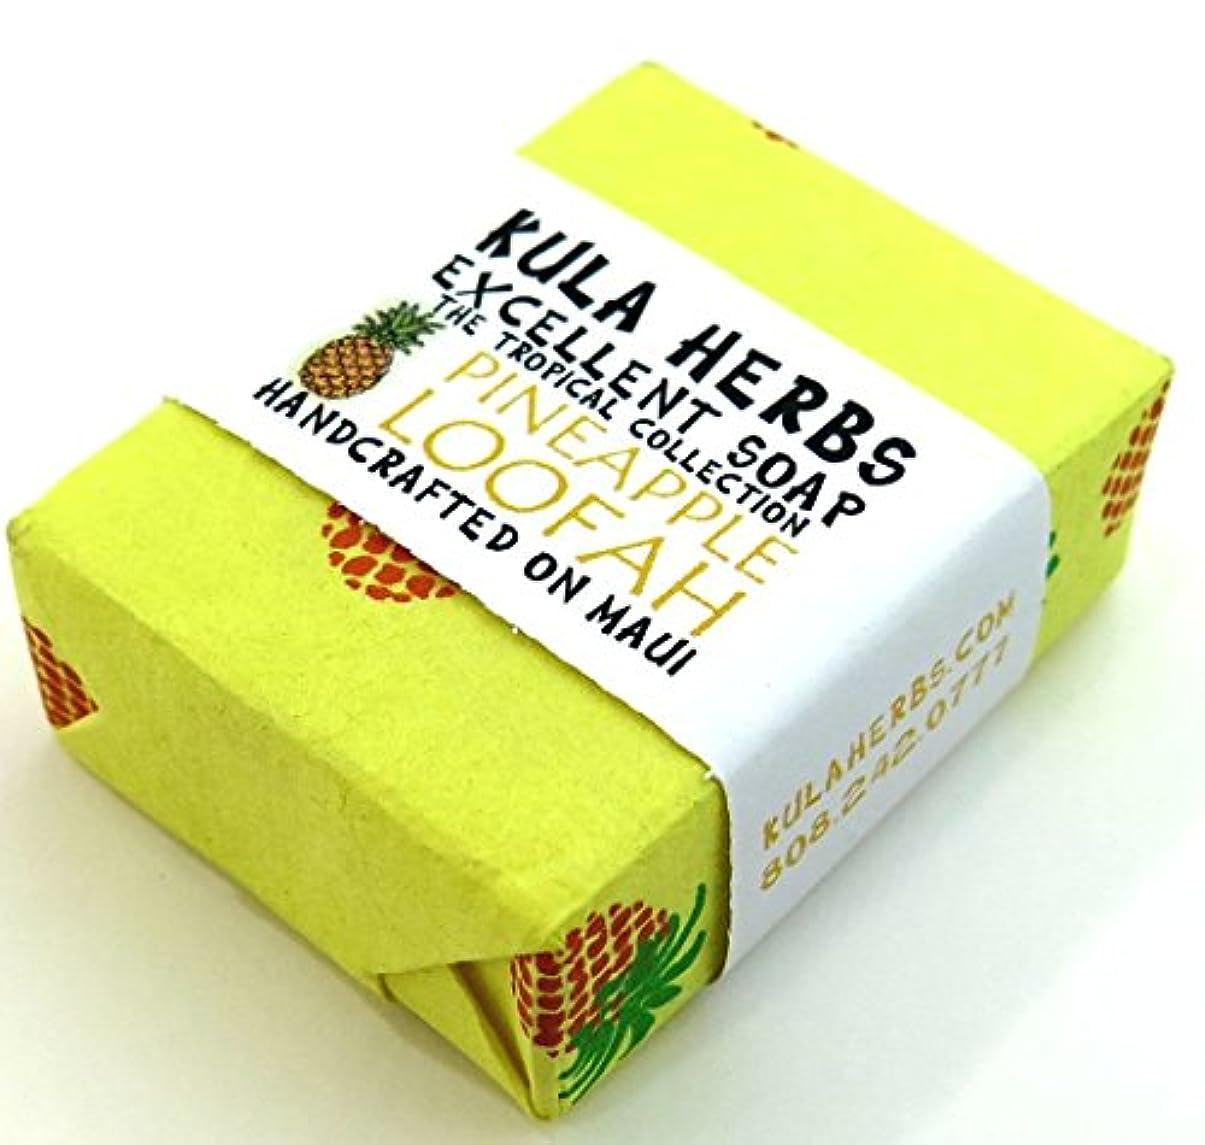 ハワイ お土産 ハワイアン雑貨 クラハーブス エクセレント ソープ 石鹸 30g (パイナップル)